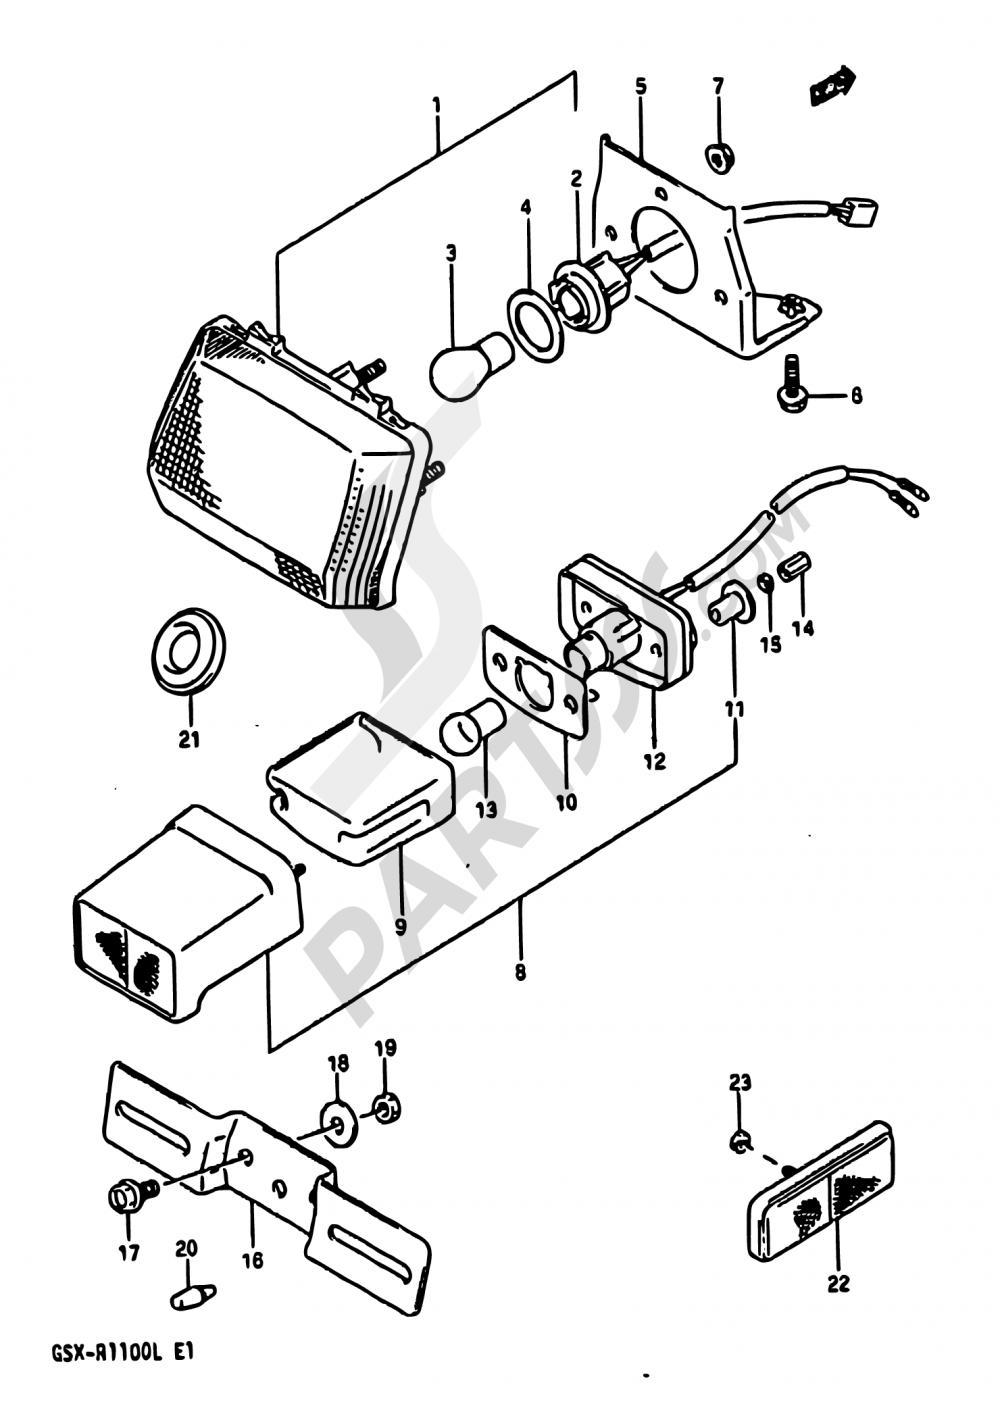 30 - TAIL LAMP-LICENSE LAMP (SEE NOTE) Suzuki GSX-R1100 1990